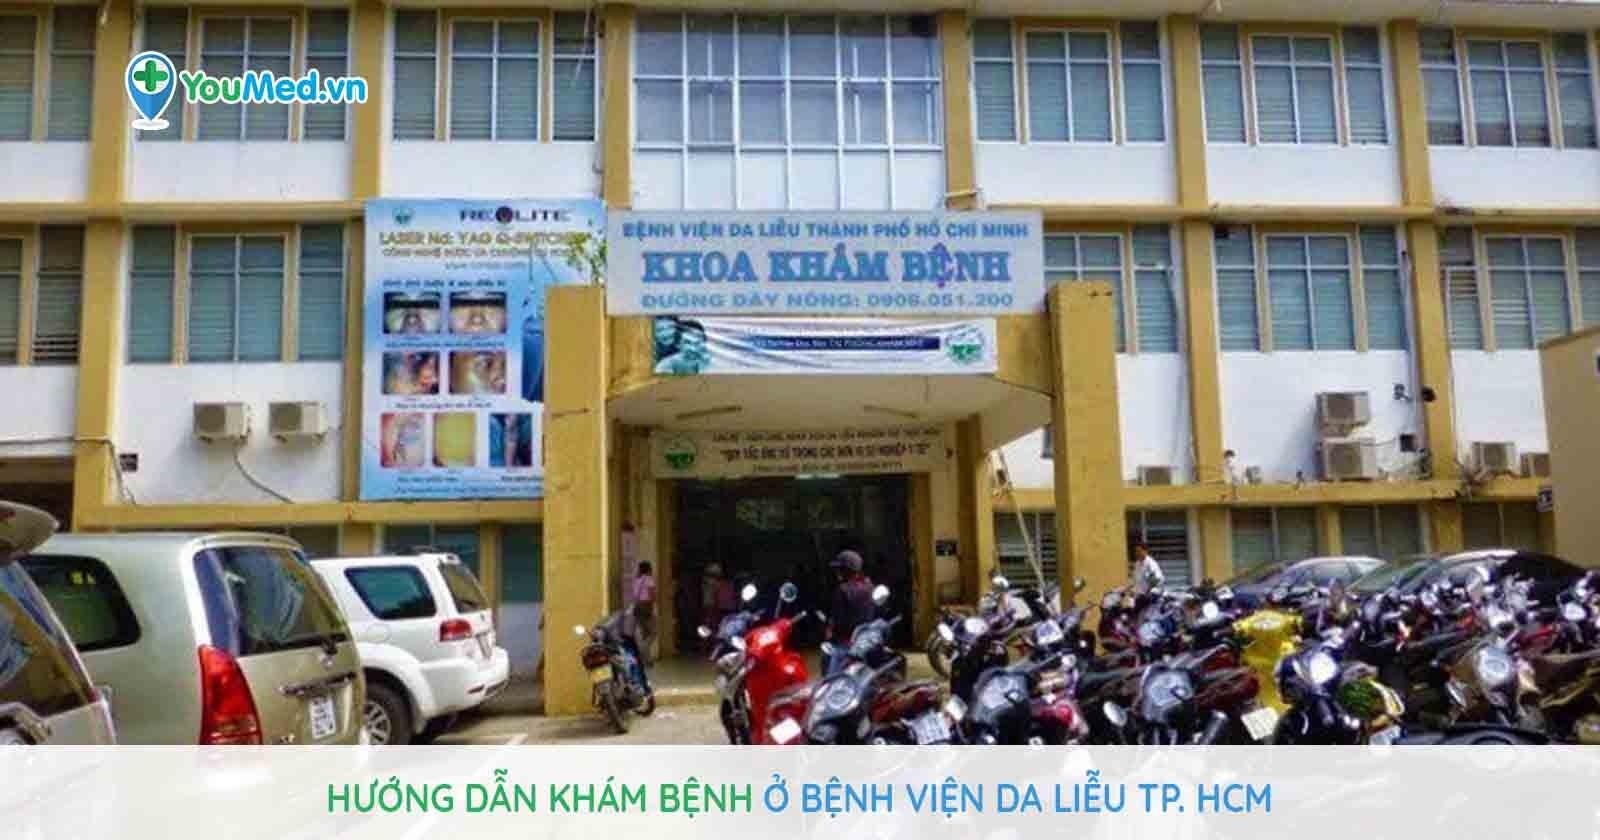 Hướng dẫn khám bệnh tại bệnh viện Da Liễu TP. HCM